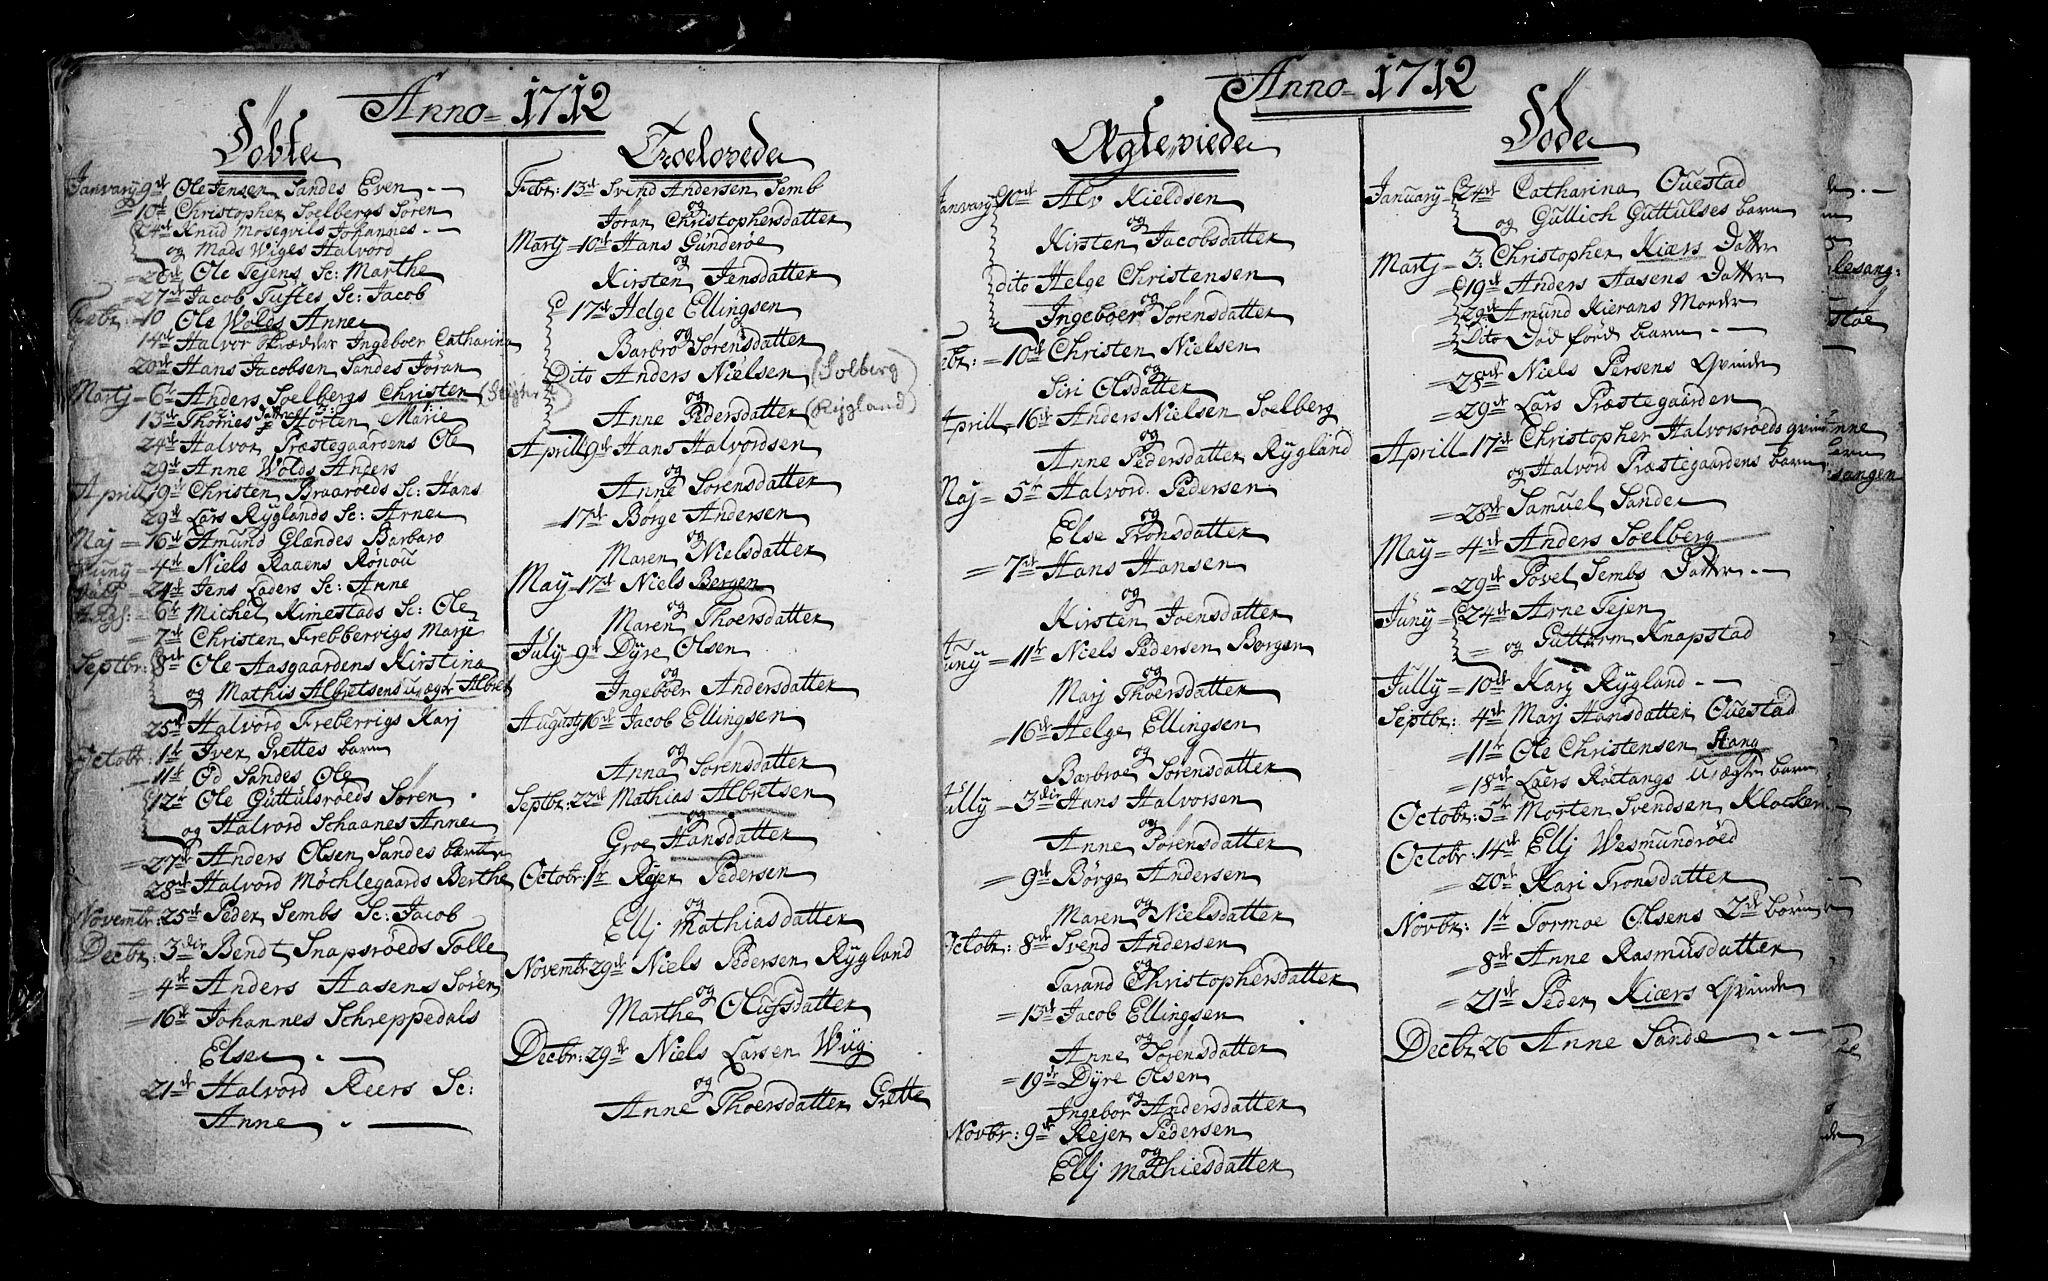 SAKO, Borre kirkebøker, F/Fa/L0001: Ministerialbok nr. I 1, 1710-1750, s. 4